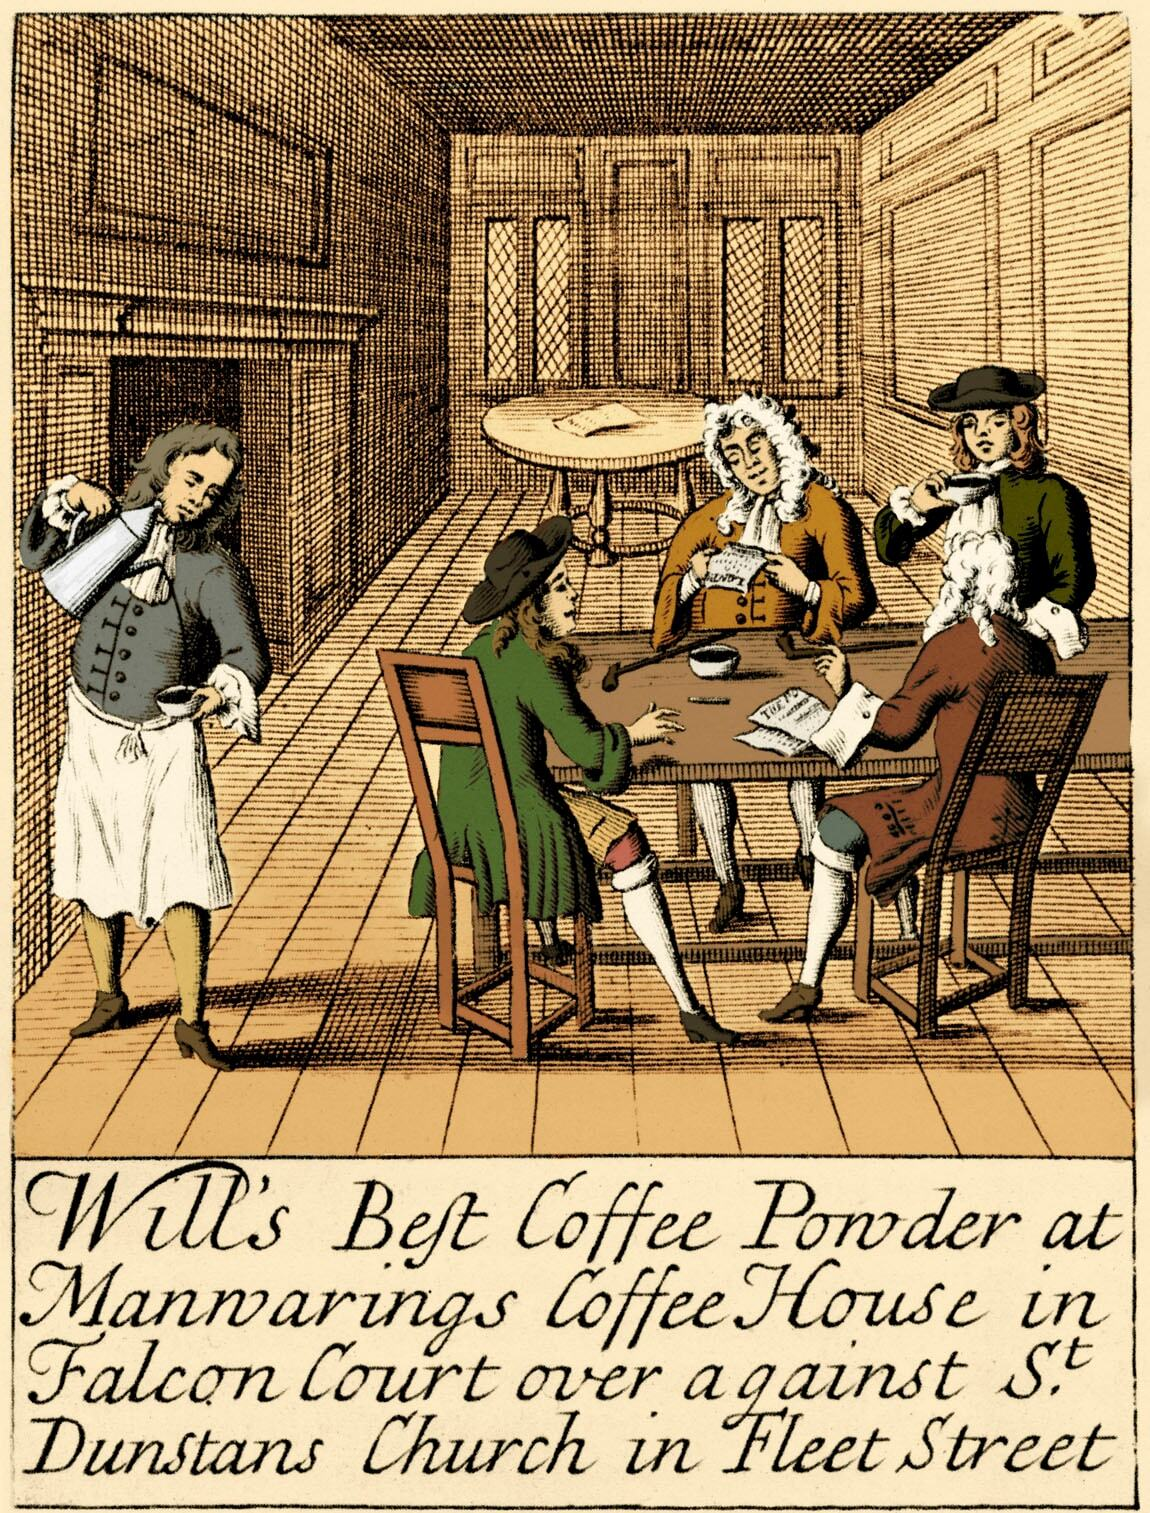 Как появление кофе и кофеен повлияло на Англию.